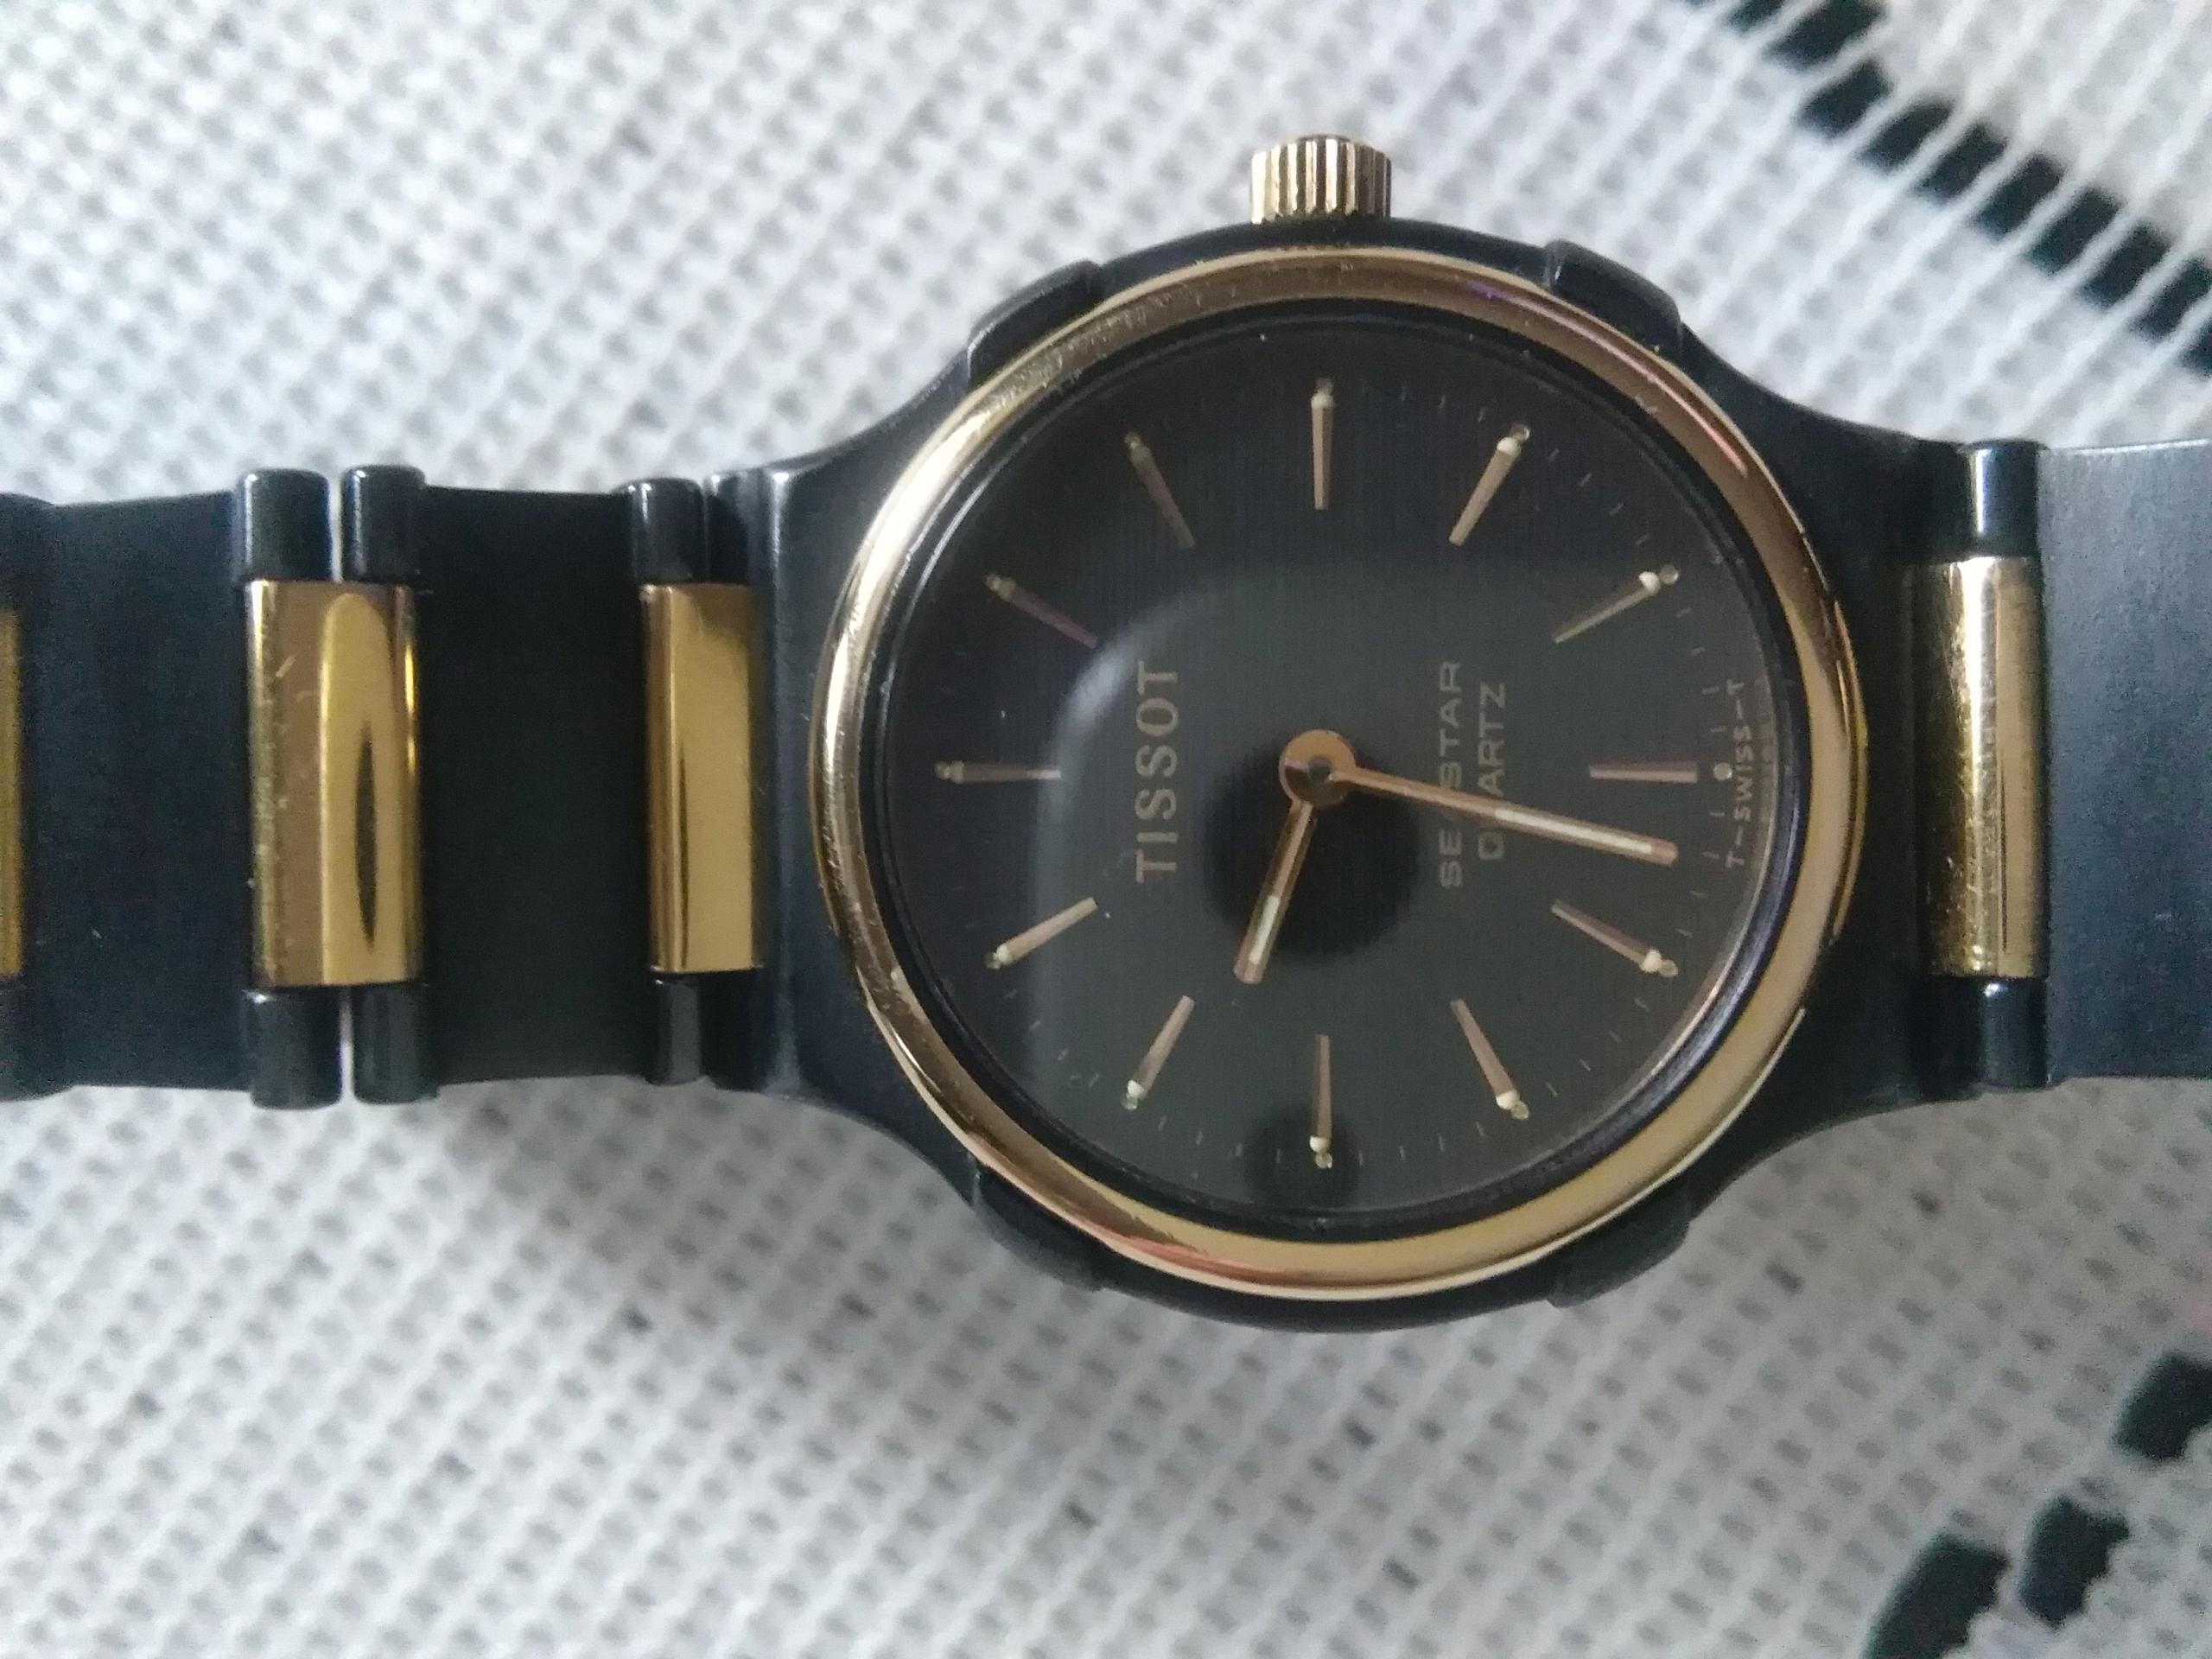 Zegarek Tissot Oryginalny